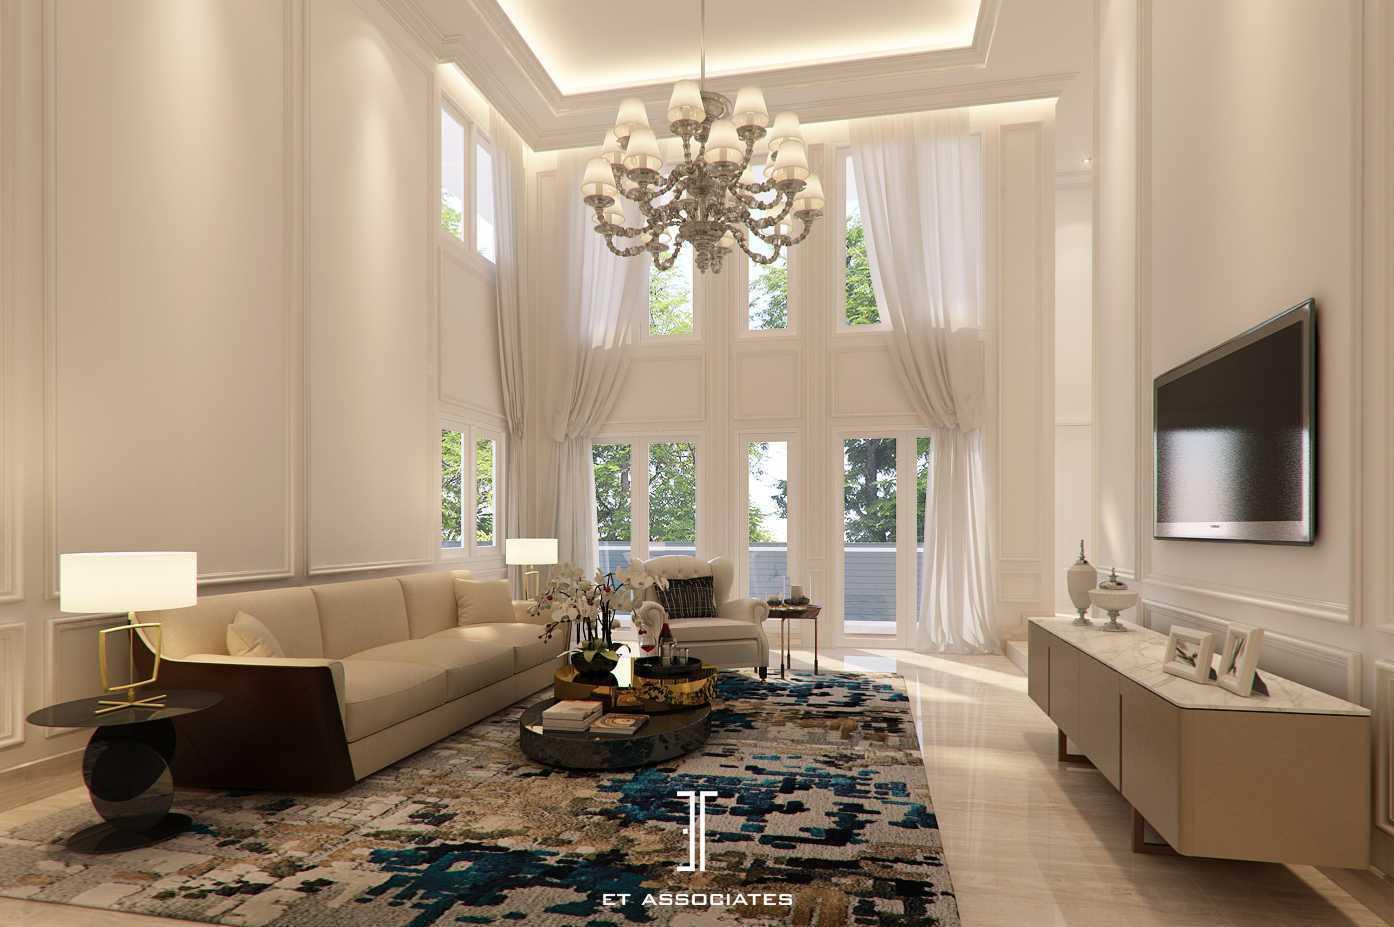 37 Ragam Seni Desain Ruang Tamu Modern Mewah Istimewa Banget